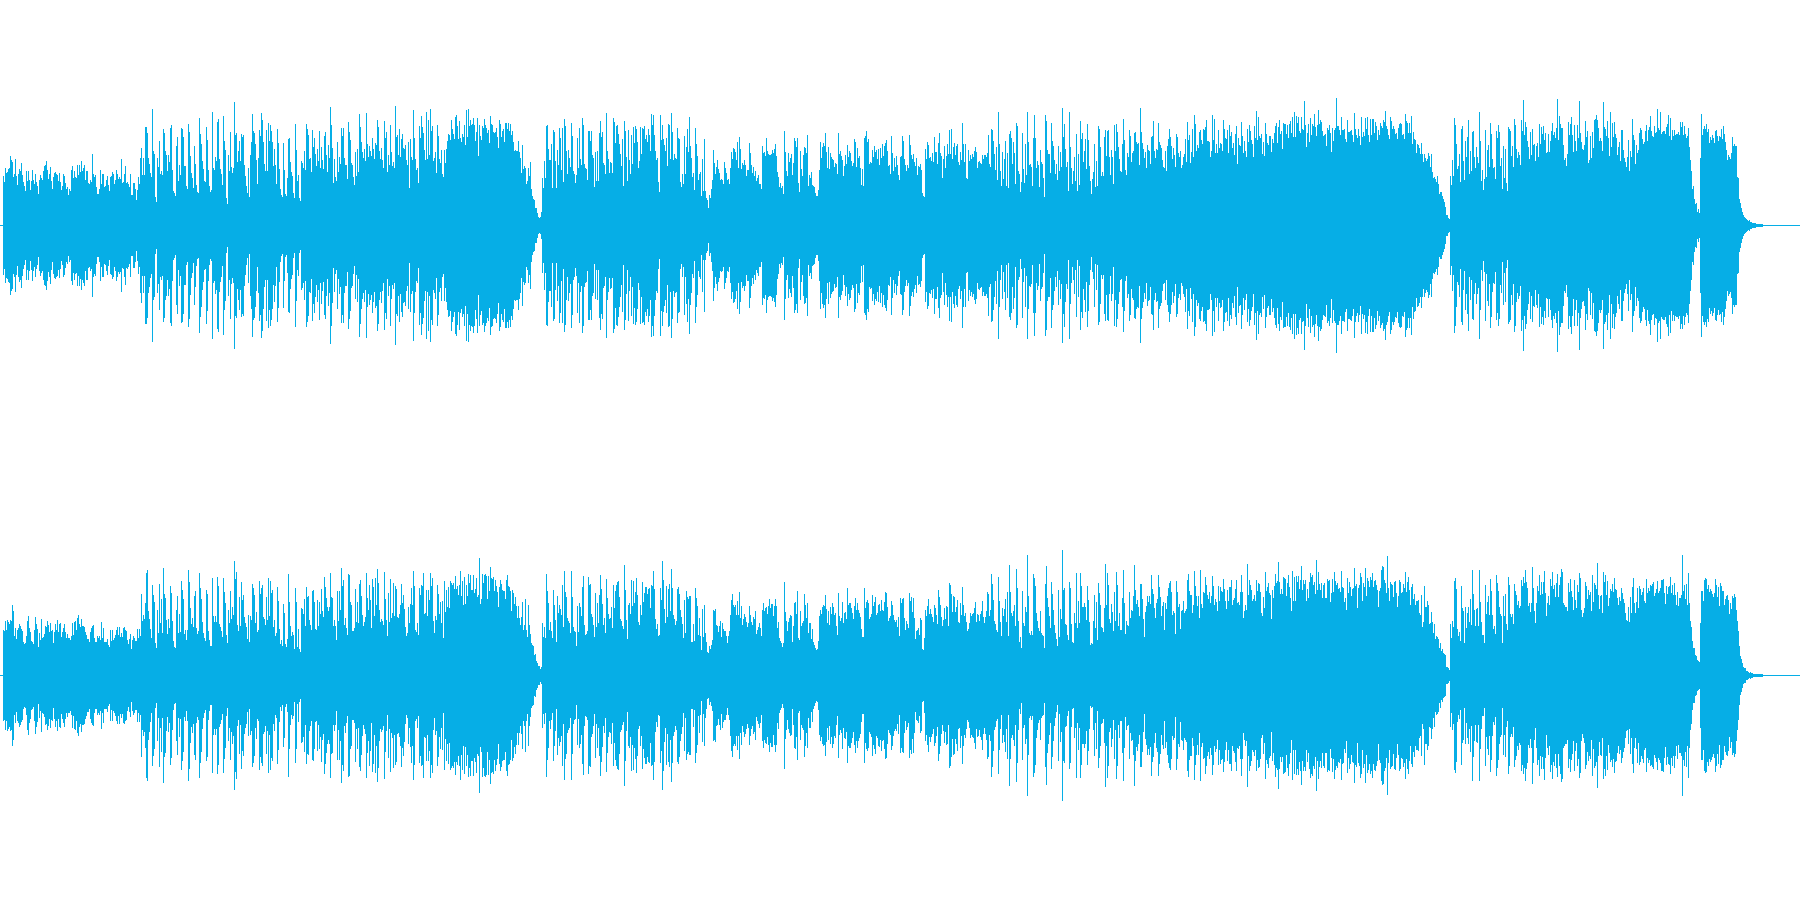 ワールドミュージック:オリエンタルの再生済みの波形